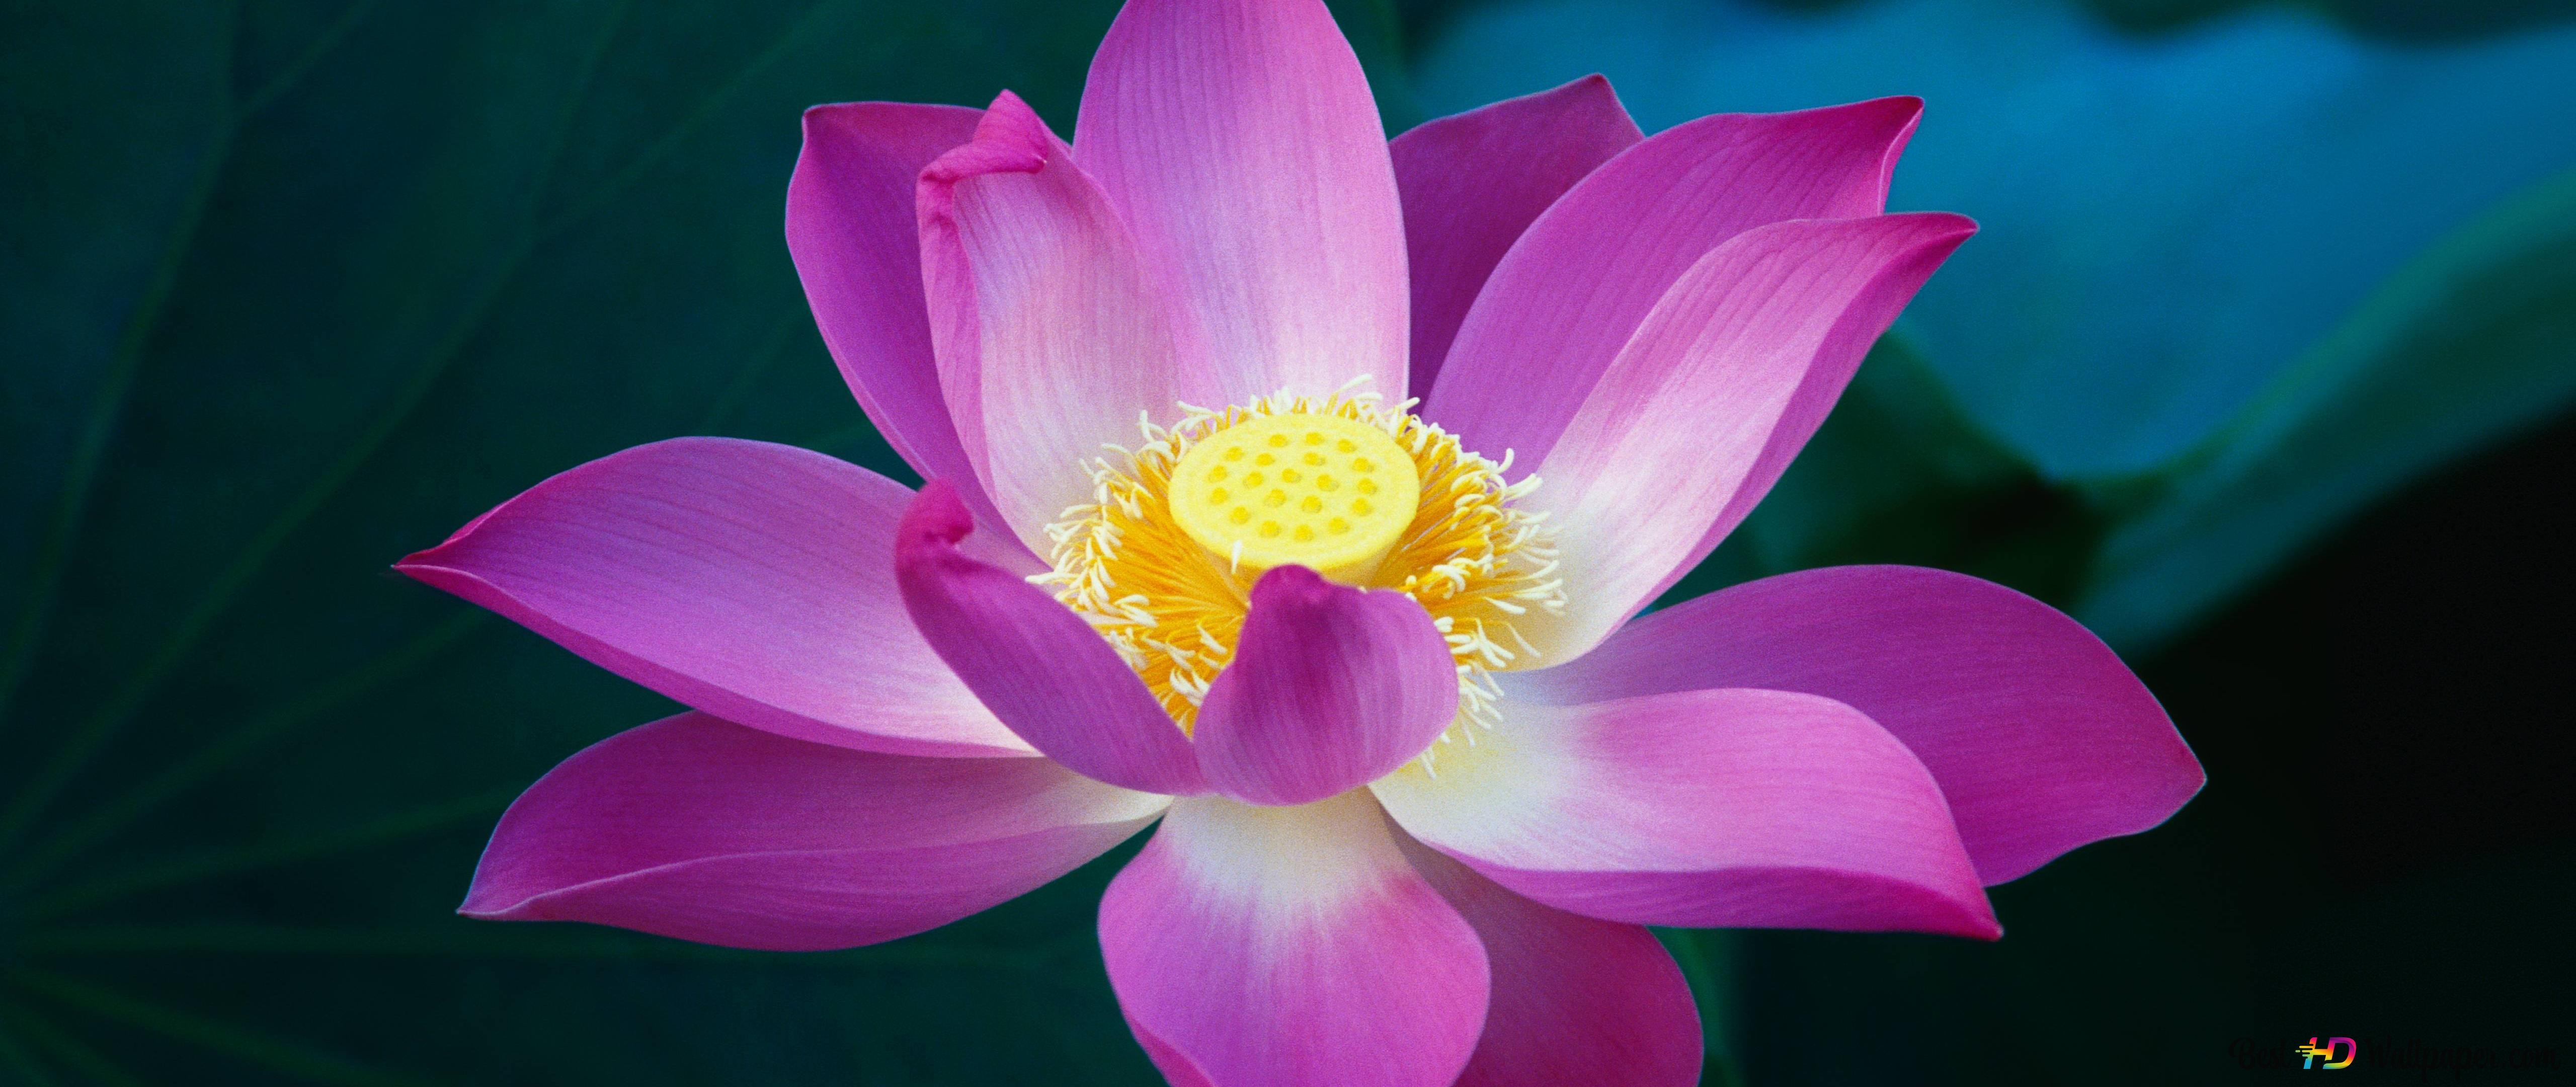 Pink lotus flower wallpaper hd